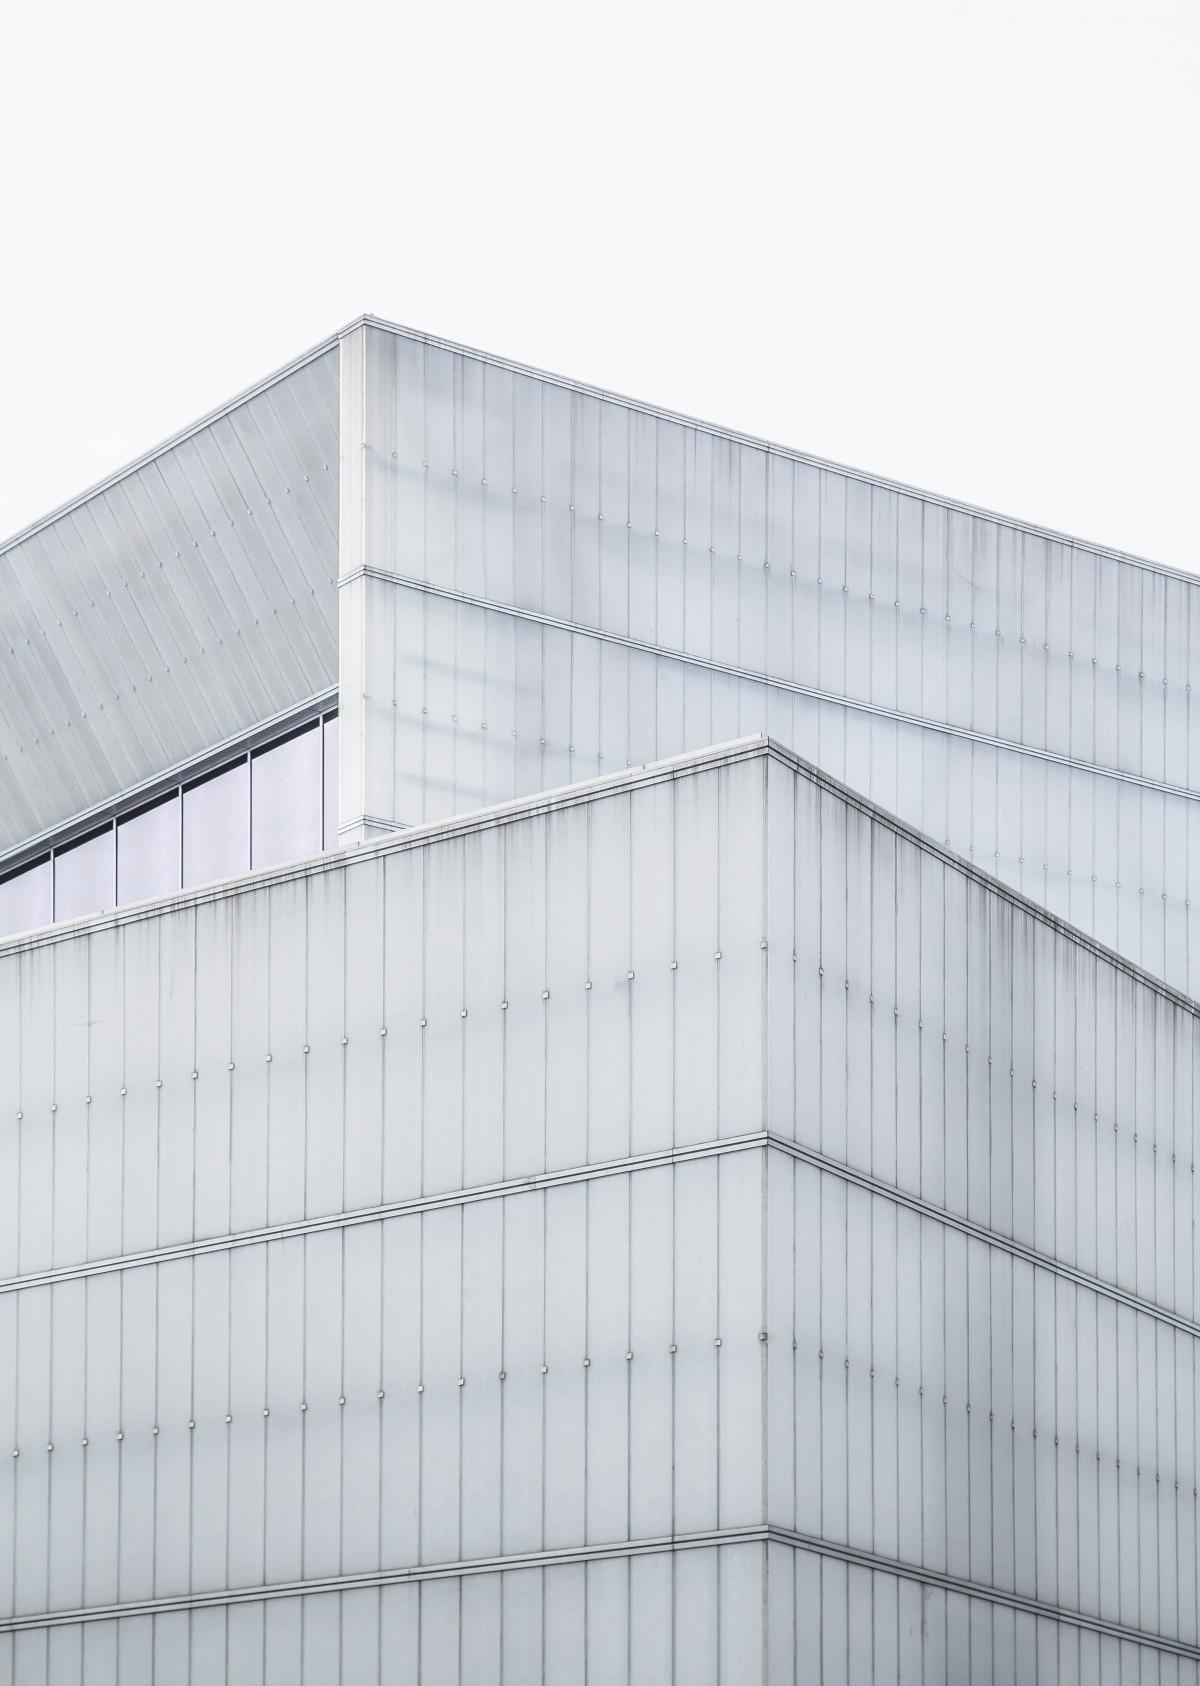 Fotos gratis arquitectura edificio pared l nea for Arquitectura en linea gratis